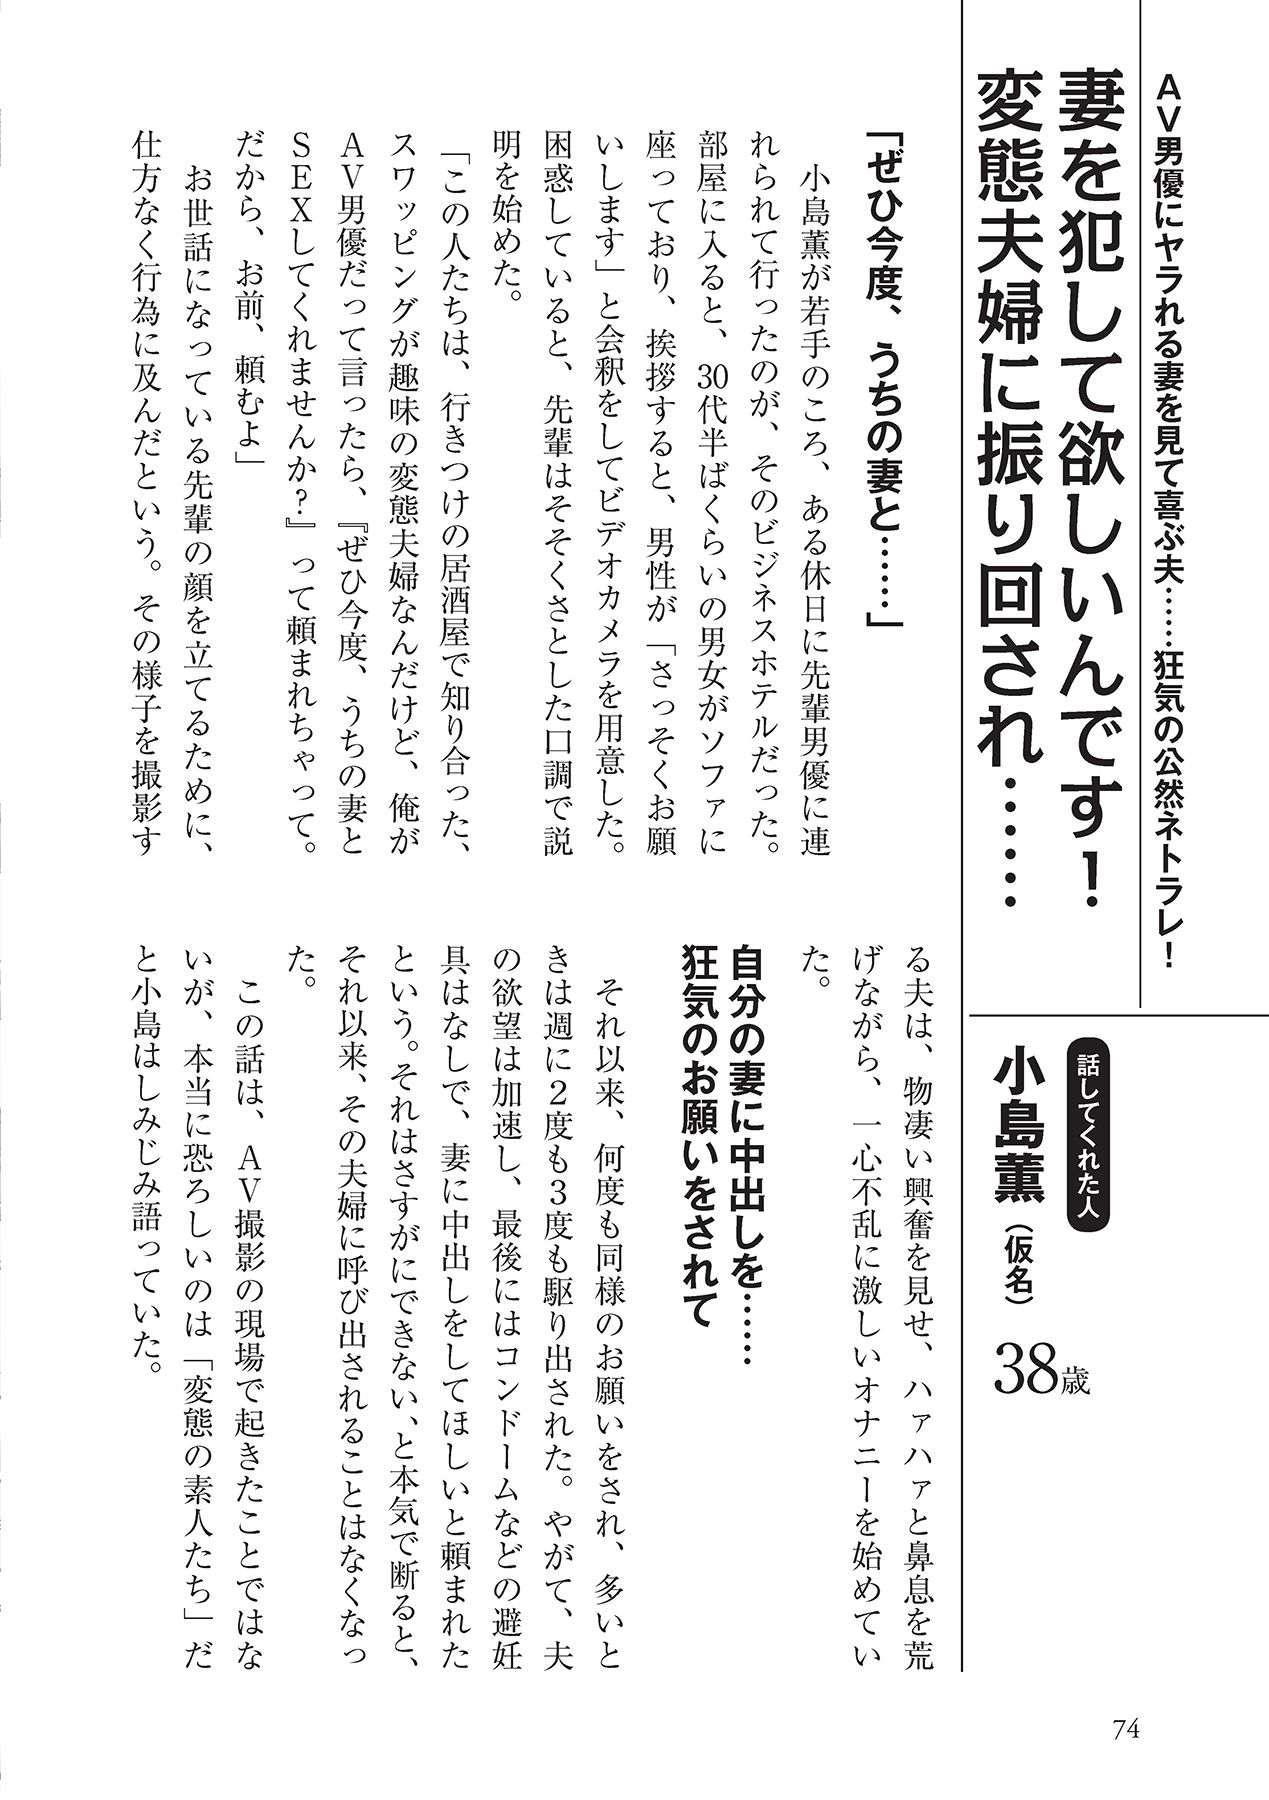 AV男優になろう! イラスト版 ヤリすぎッ! 73